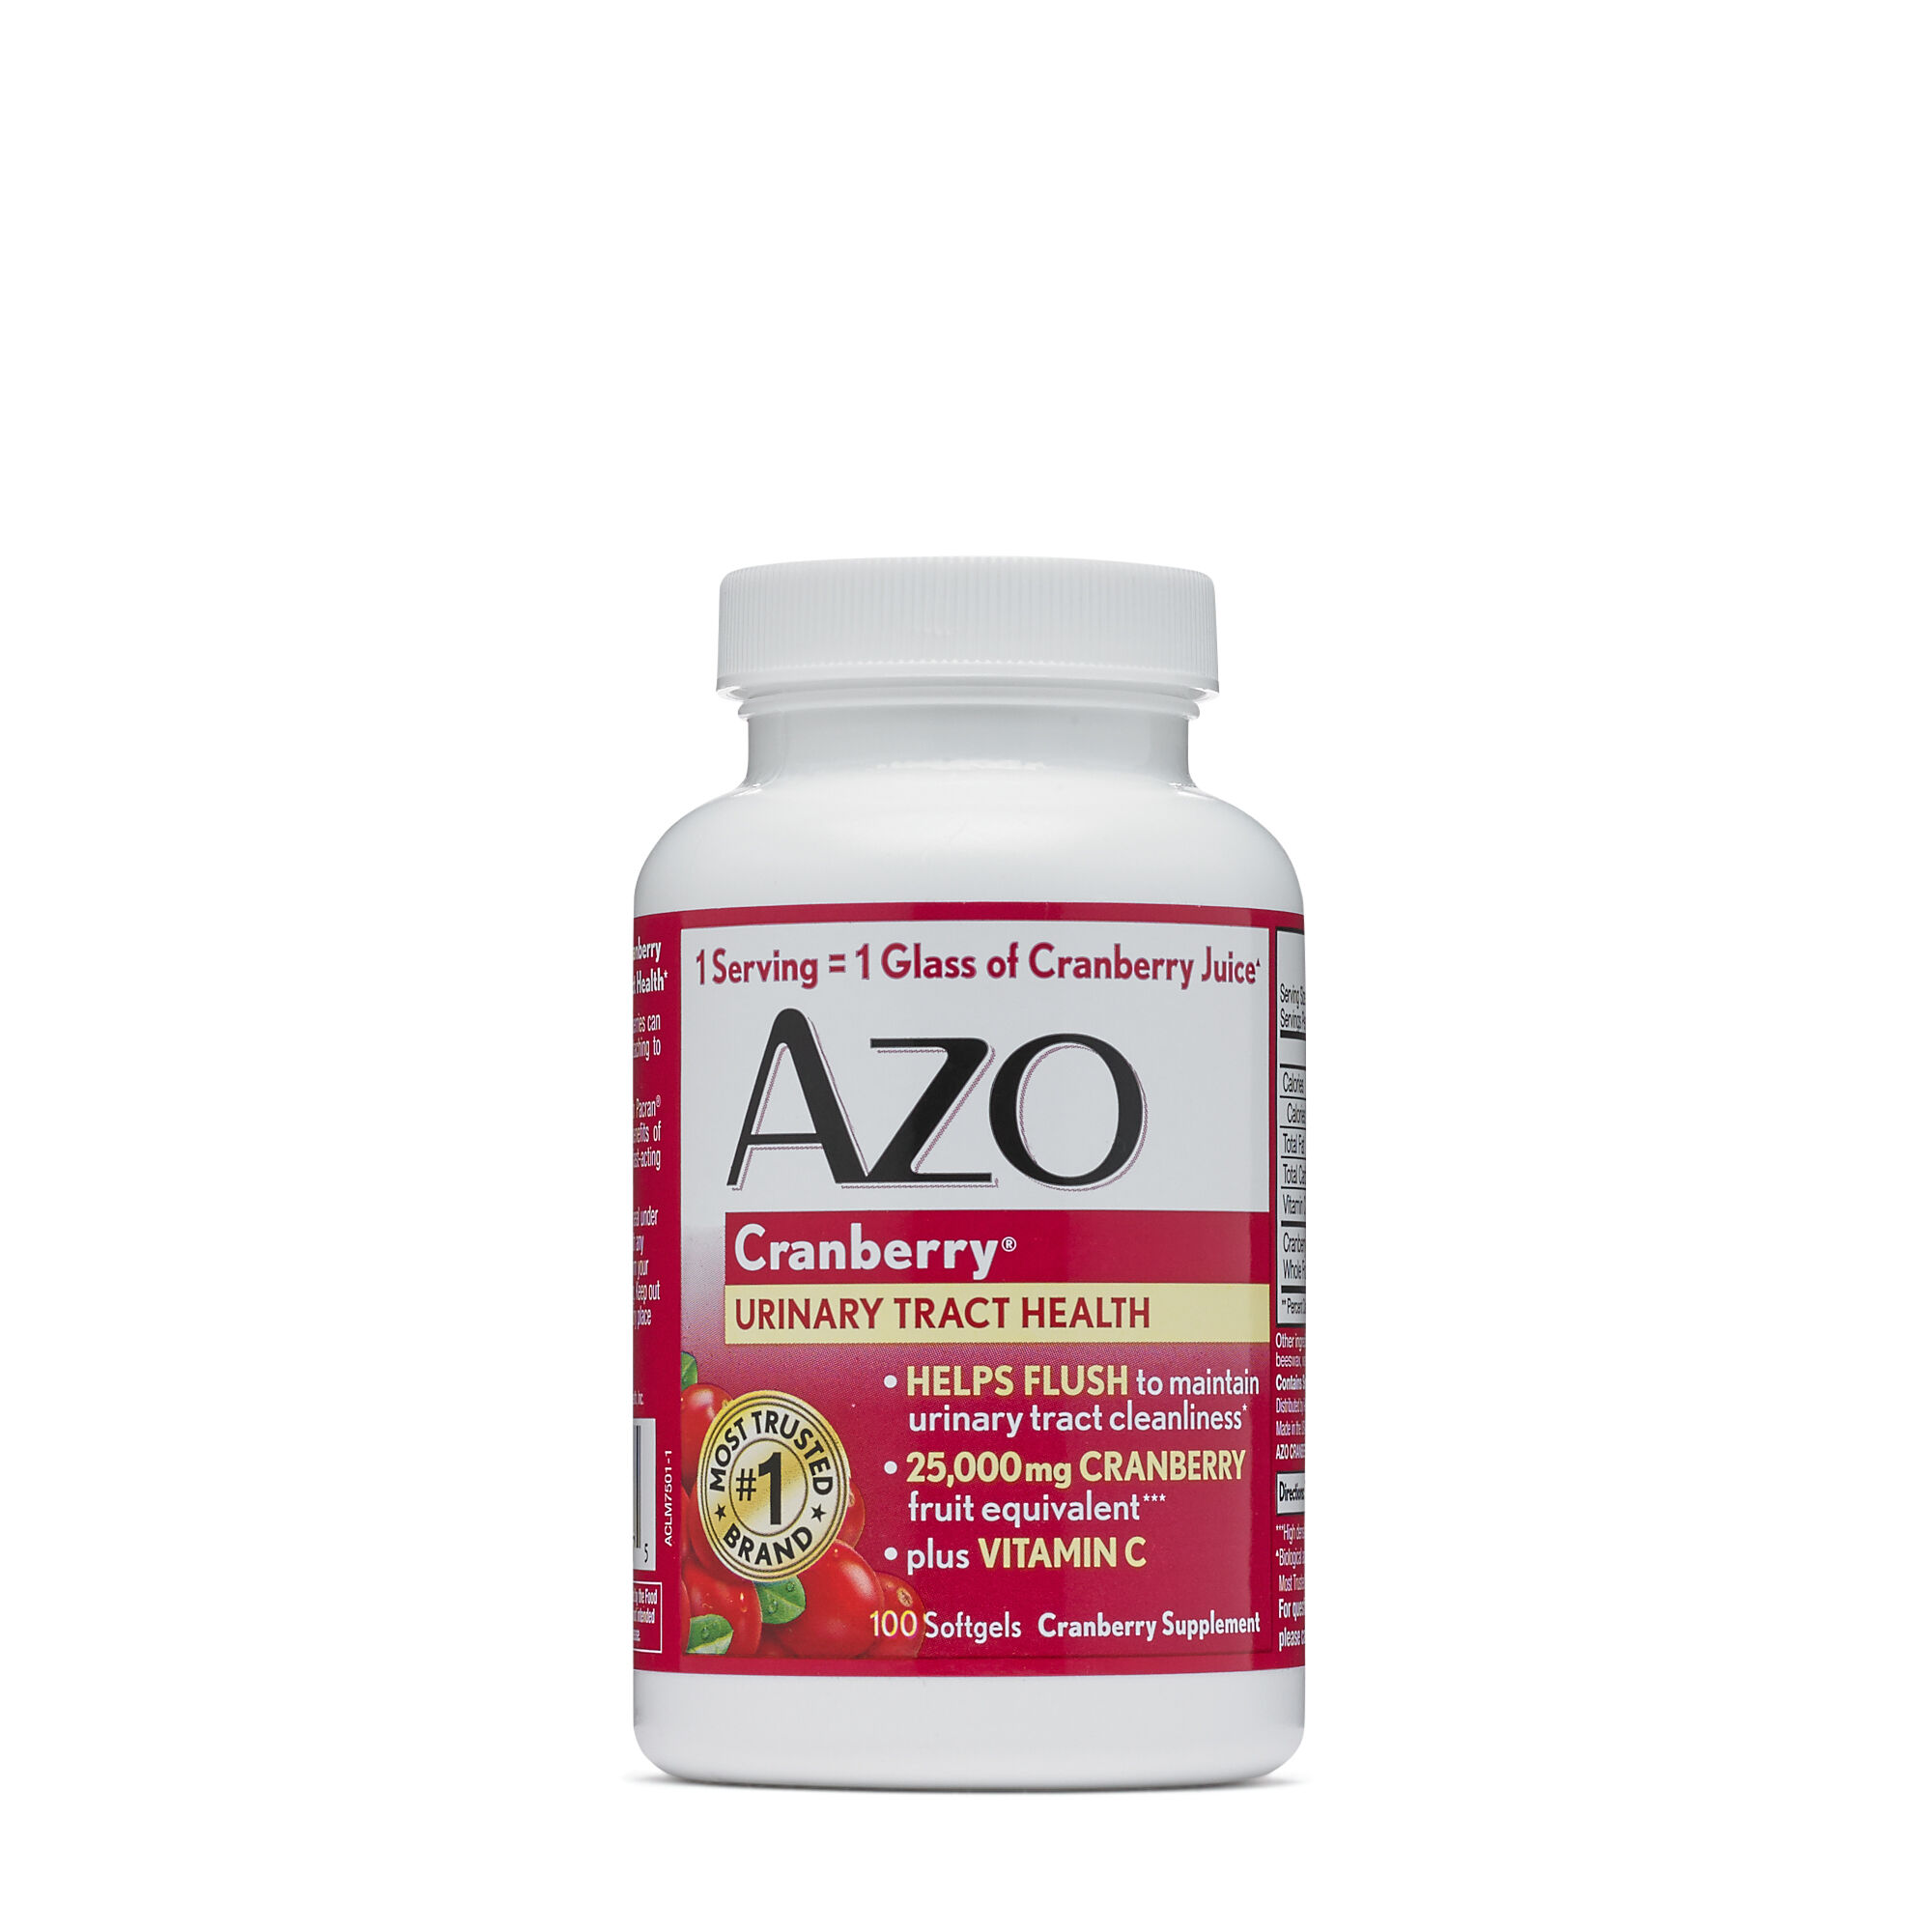 AZO Cranberry® - Urinary Tract Health